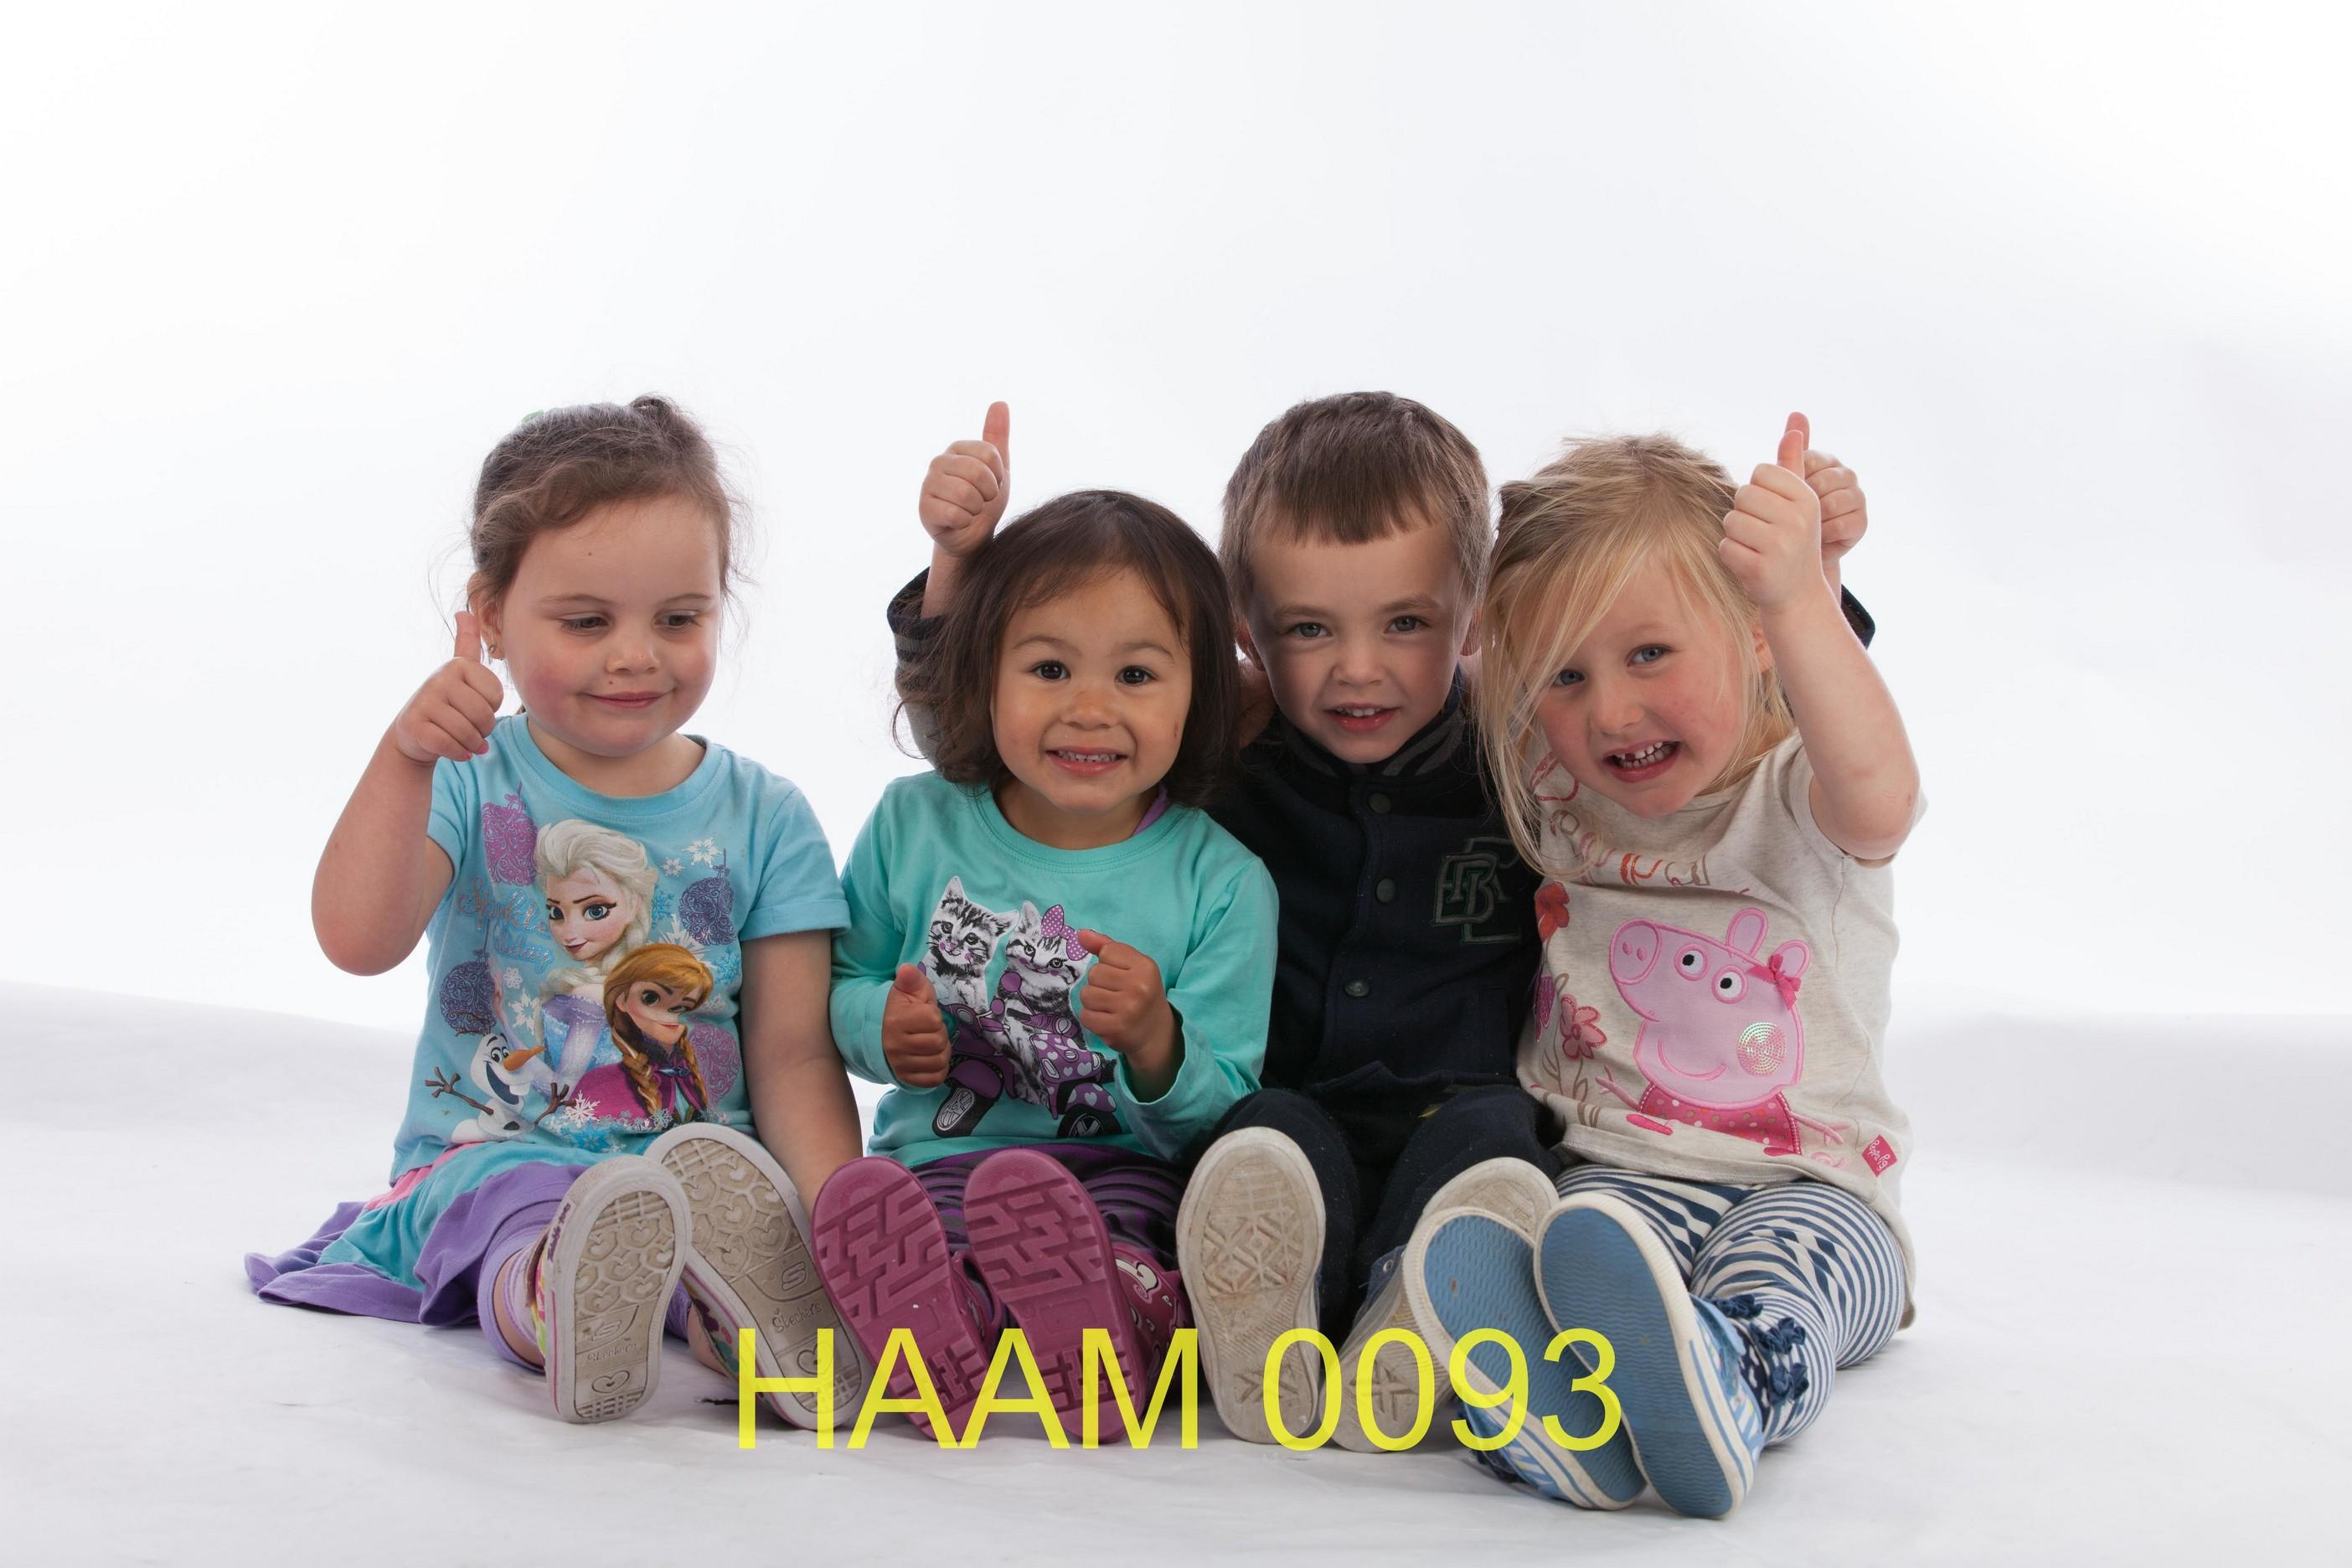 HAAM 0093